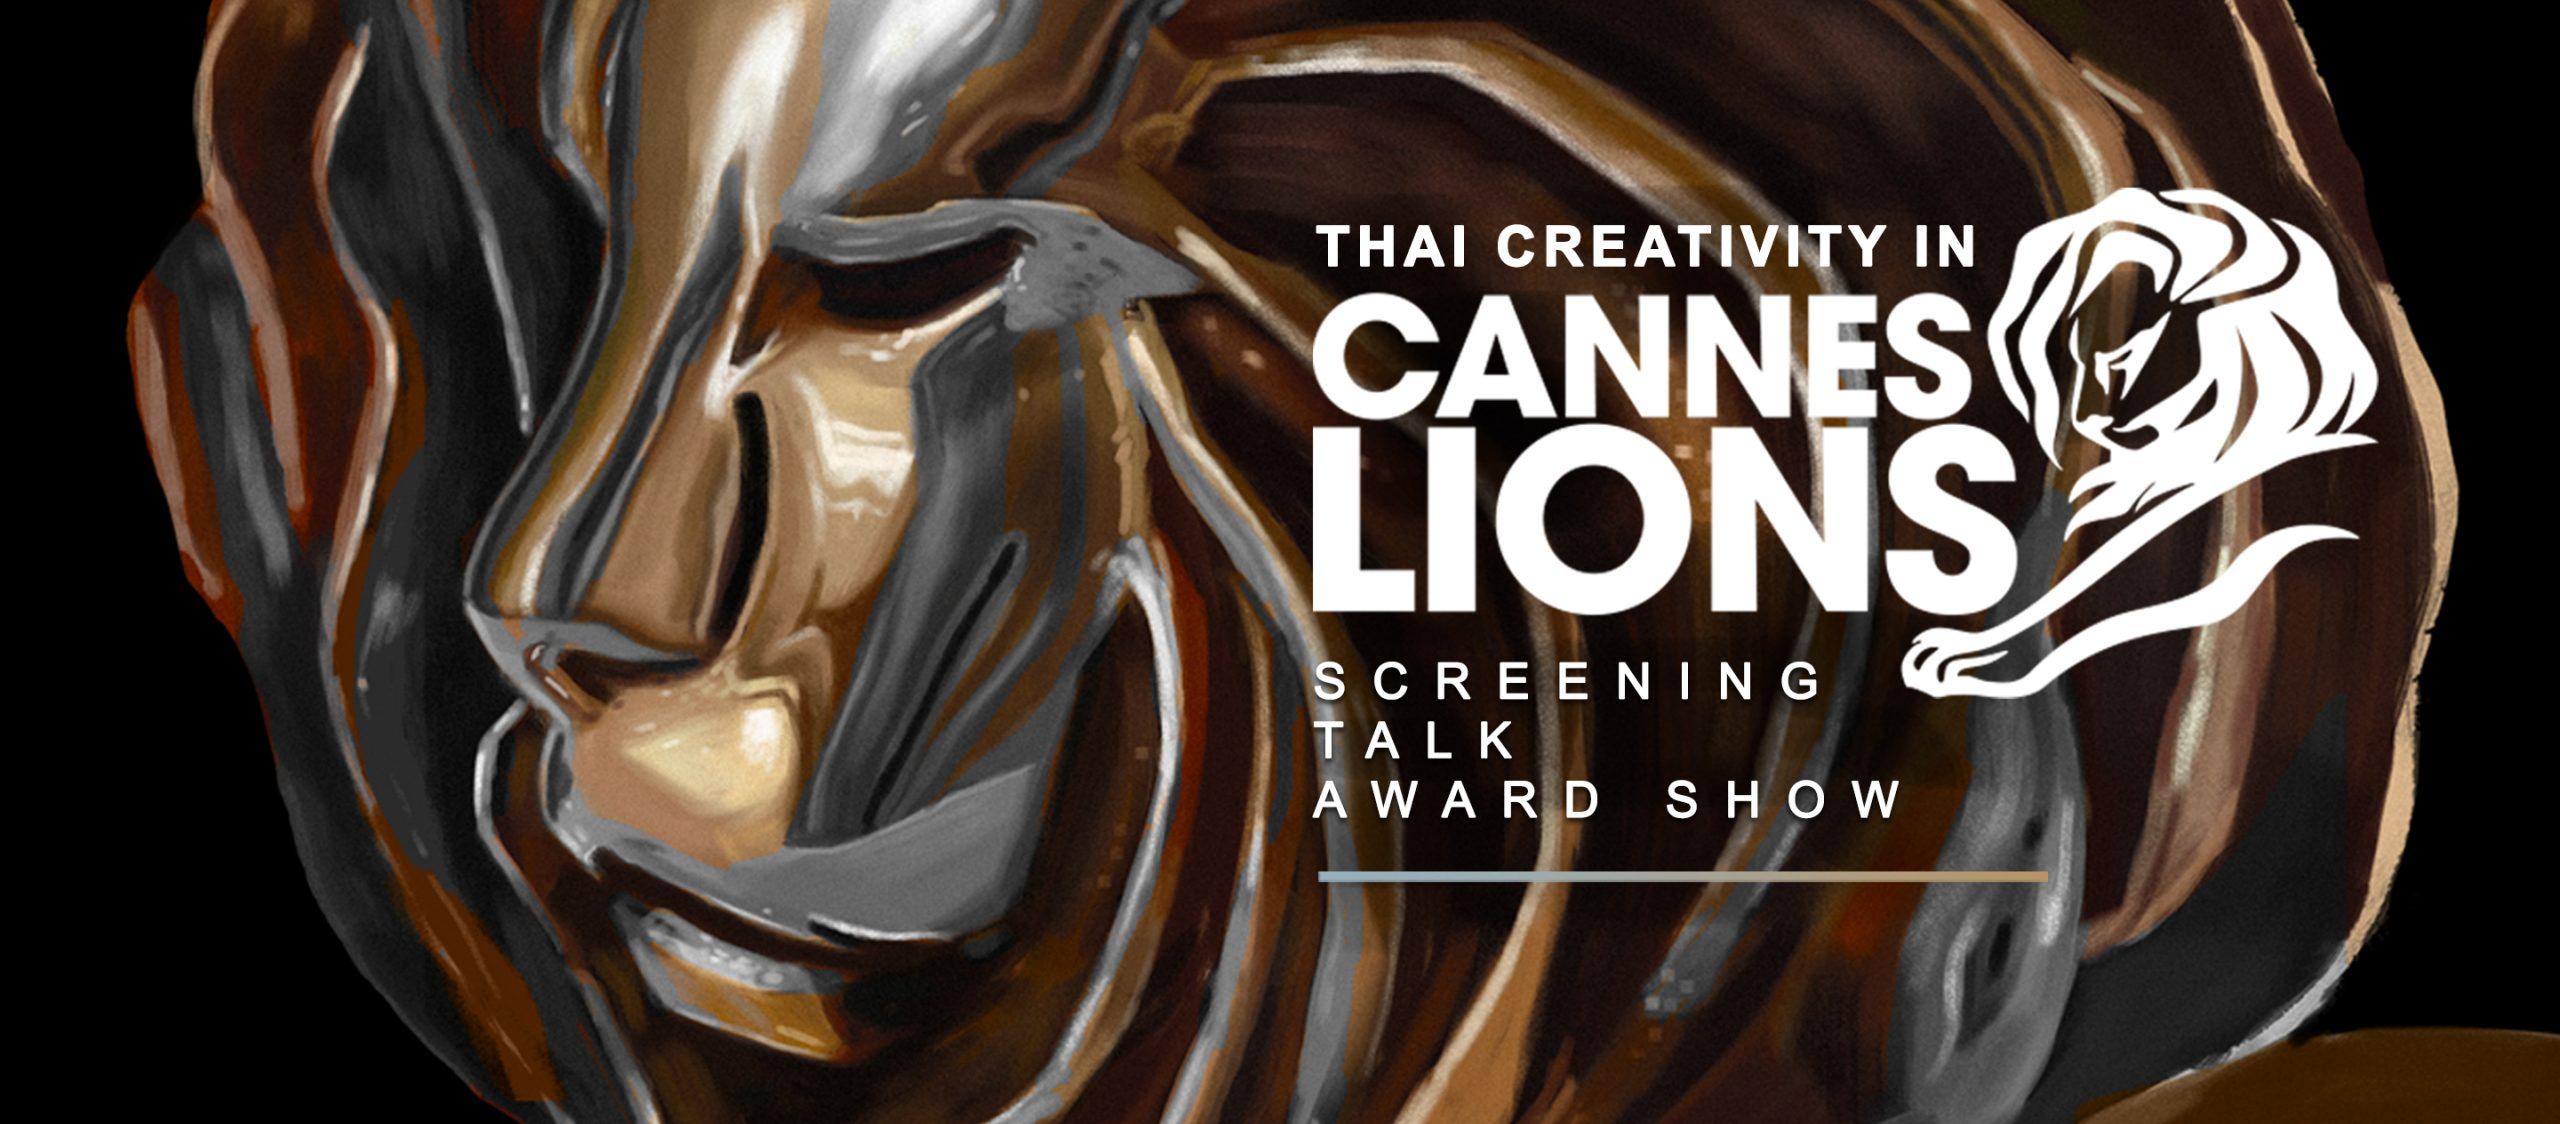 Cannes Lions จบ เราไม่จบ ชวนย้อนดูความคิดสร้างสรรค์ไทยในงาน Thai Creativity in Cannes Lions